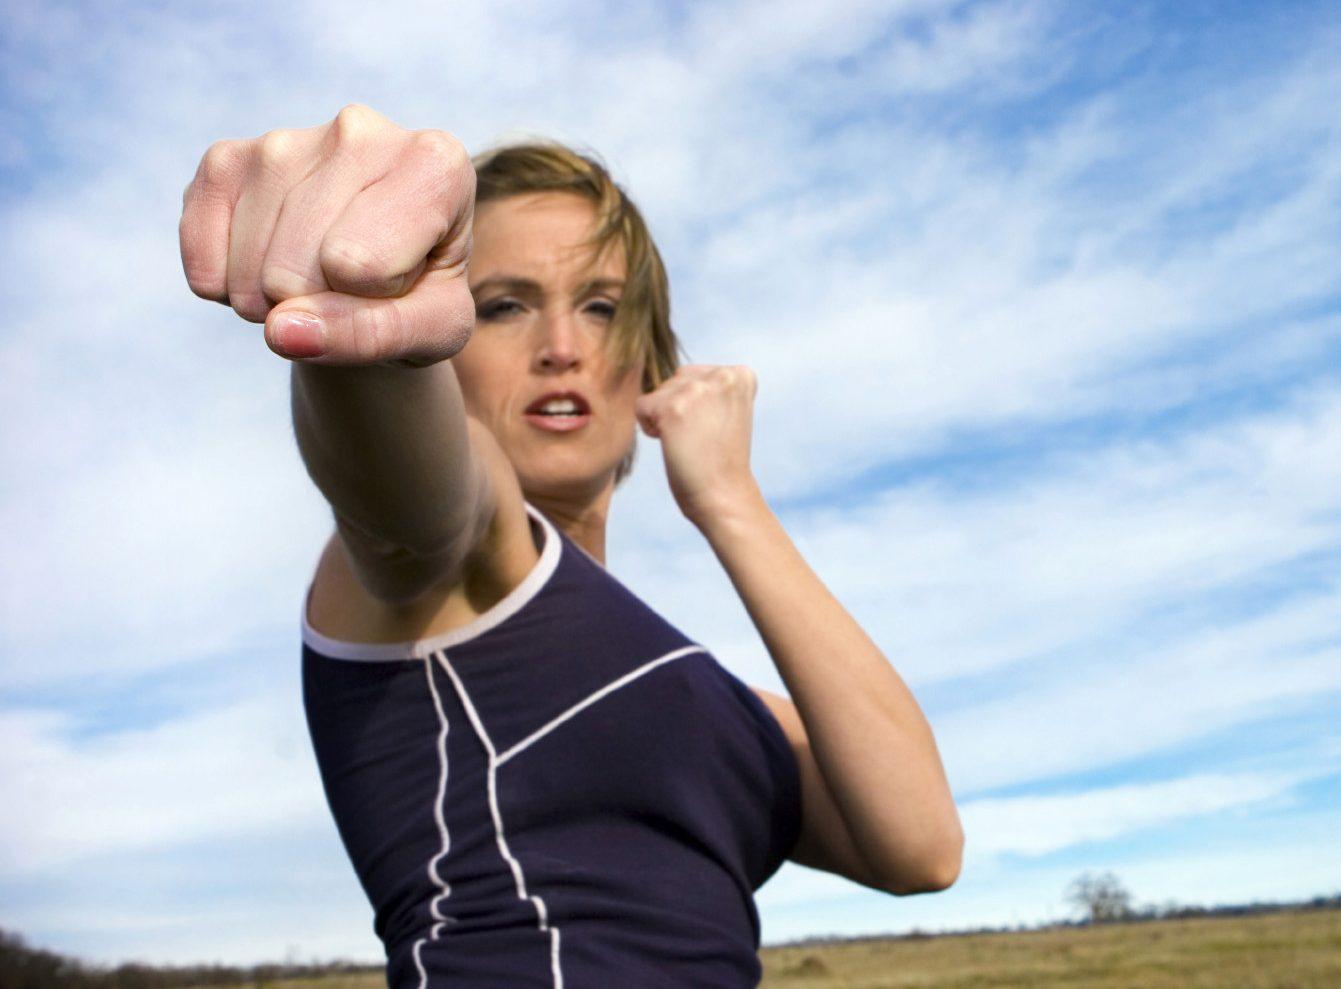 Женщина стоит в боевой стойке